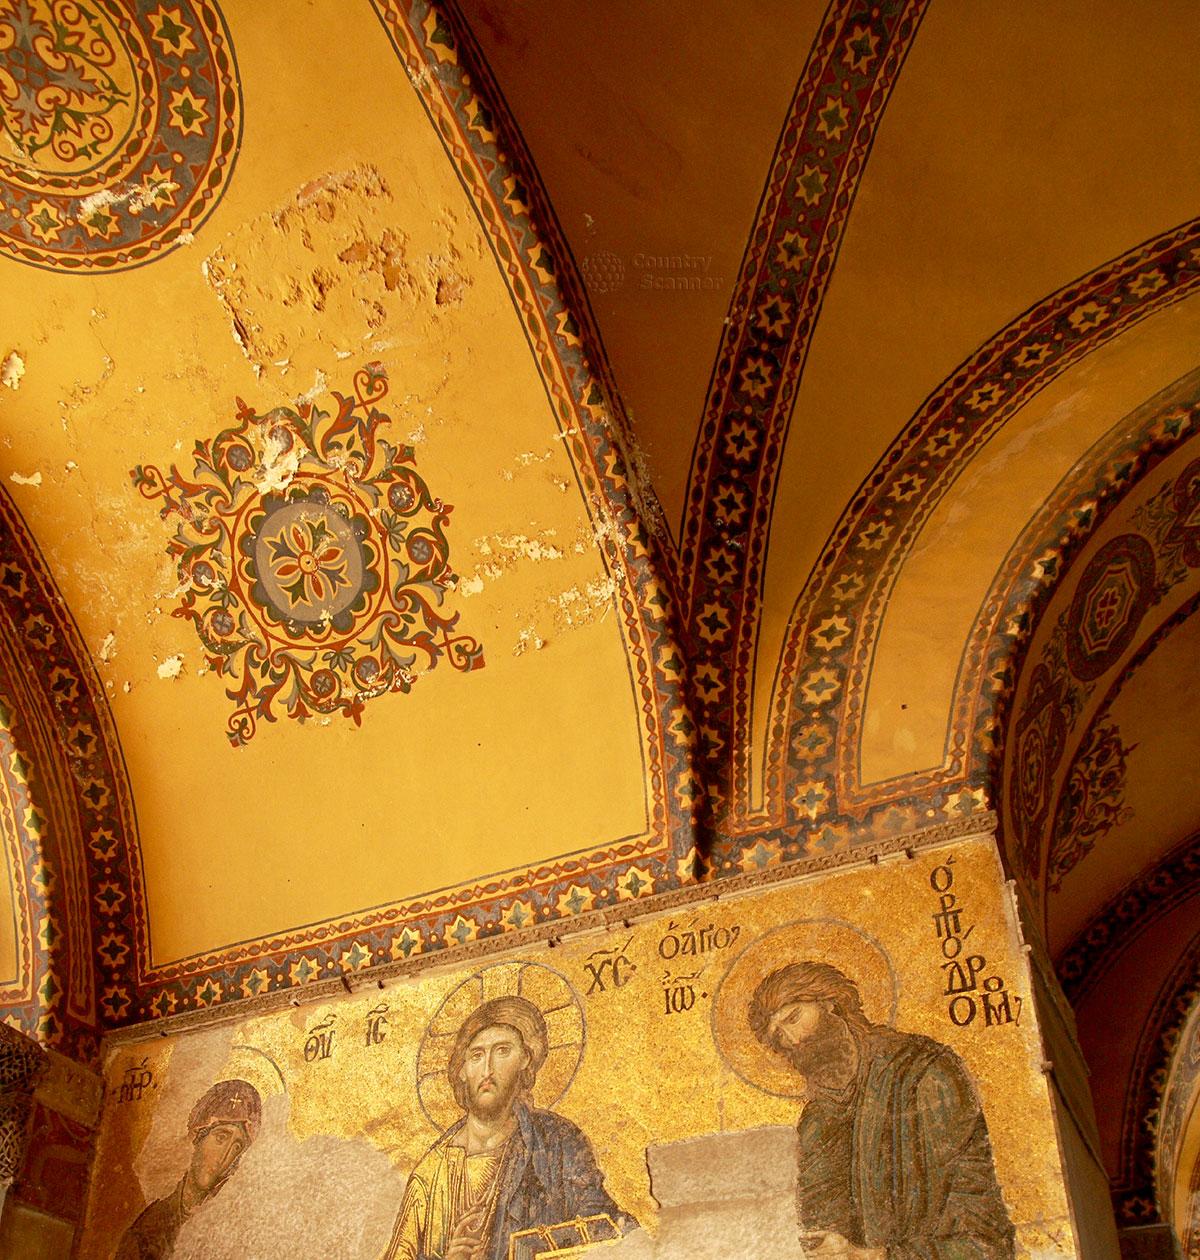 Сохранившаяся древняя мозаика Деисус в Софийском соборе. Христос в день Страшного суда, Богоматерь и Иоанн Креститель просят о снисхождении грешникам.